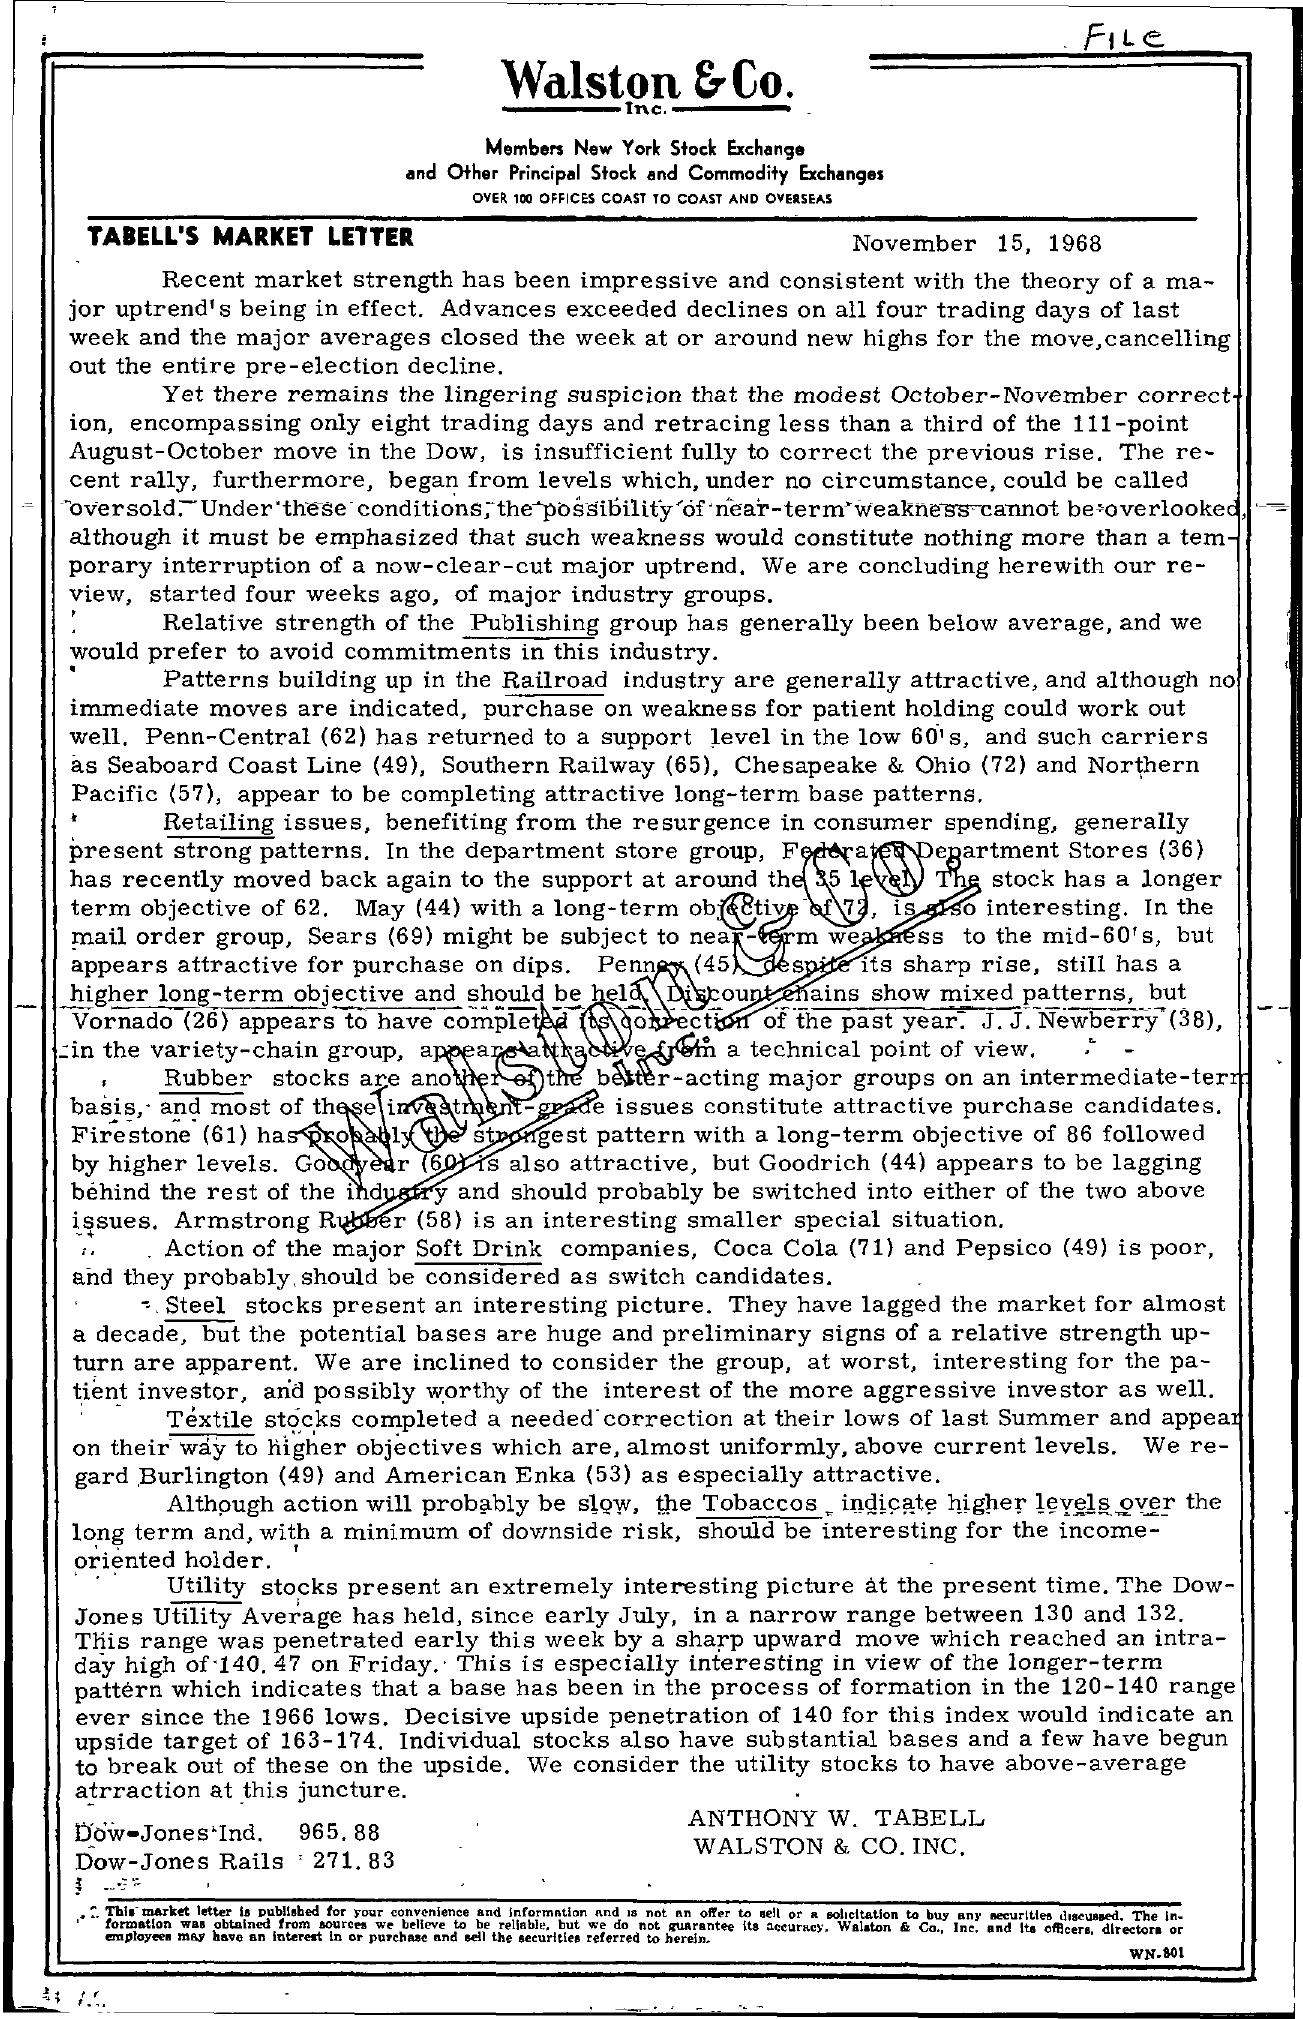 Tabell's Market Letter - November 15, 1968